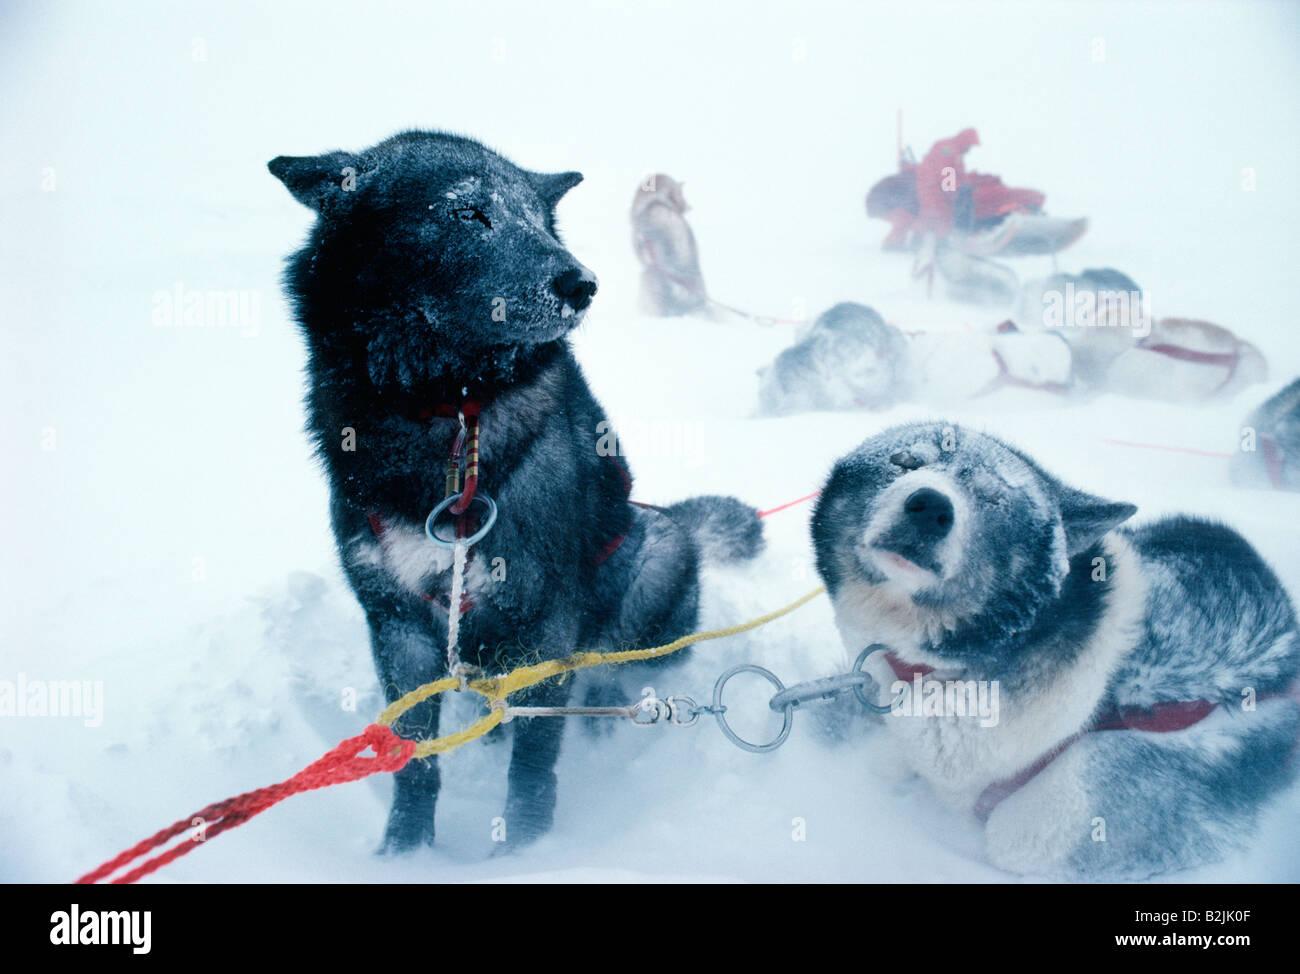 Los perros esquimales canadienses utilizado para tirar de trineos en una feroz tormenta de invierno Imagen De Stock